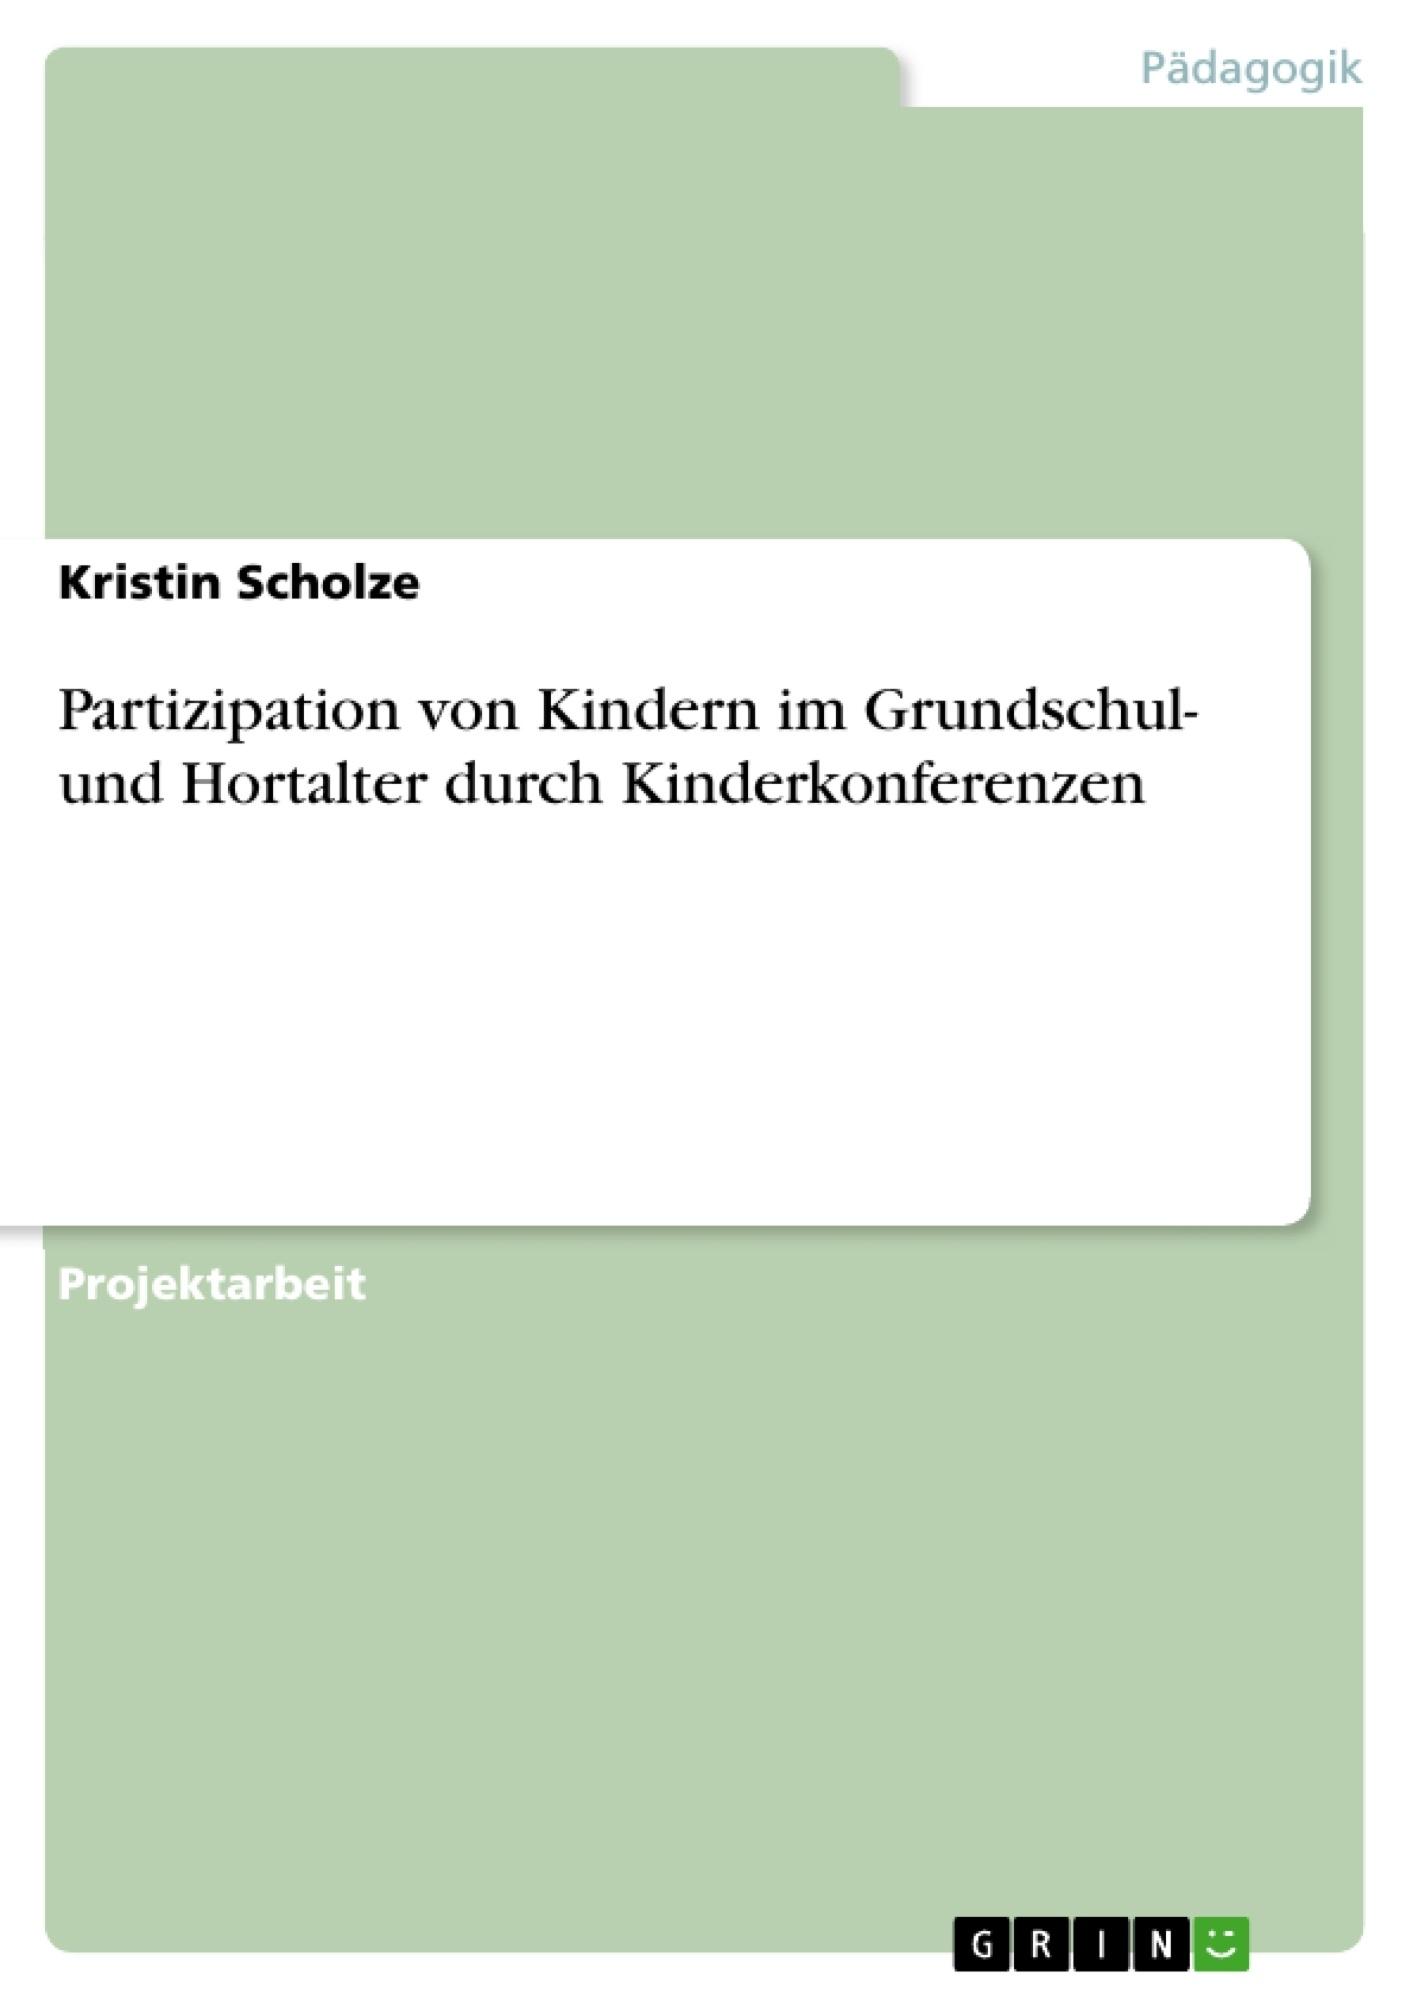 Titel: Partizipation von Kindern im Grundschul- und Hortalter durch Kinderkonferenzen